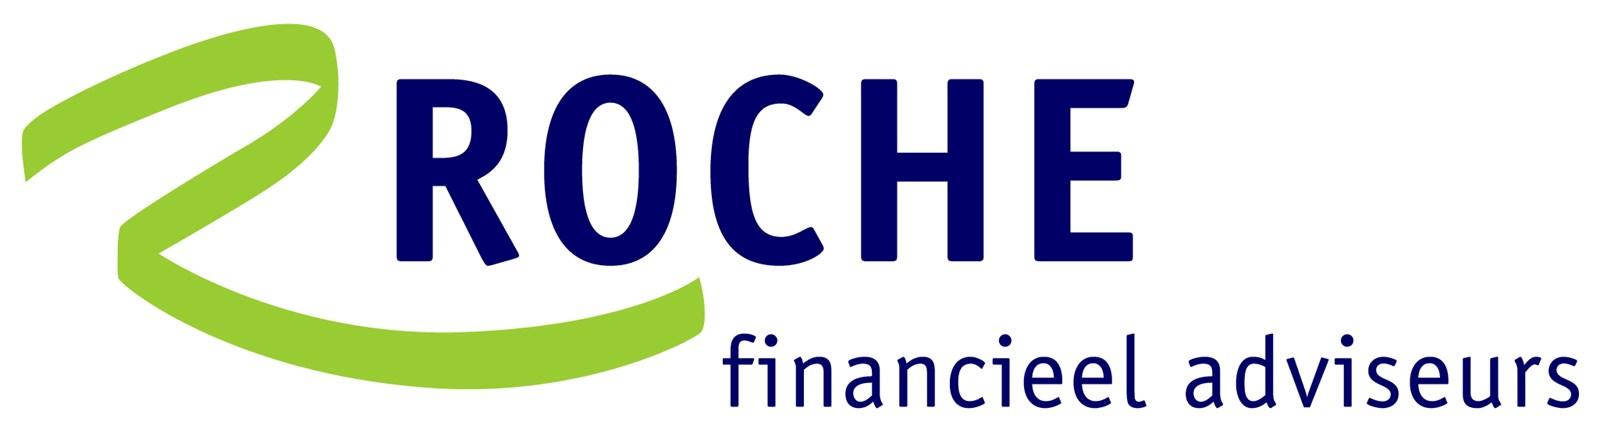 Logo van ROCHE financieel adviseurs